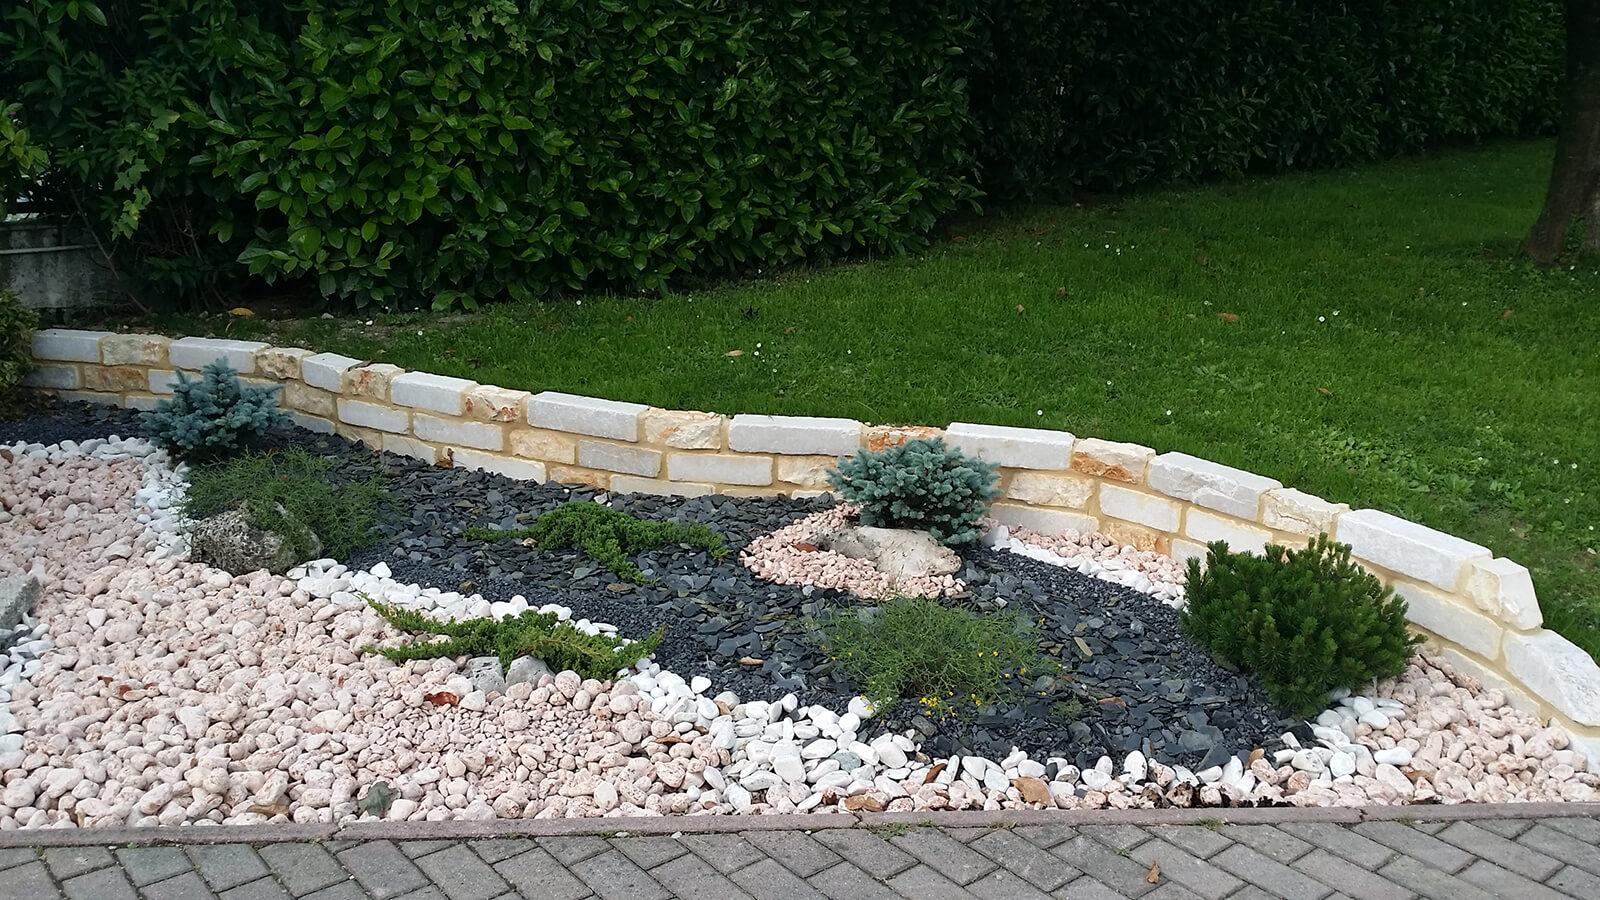 progettazione realizzazione giardini monticello - verde blu giardini 1